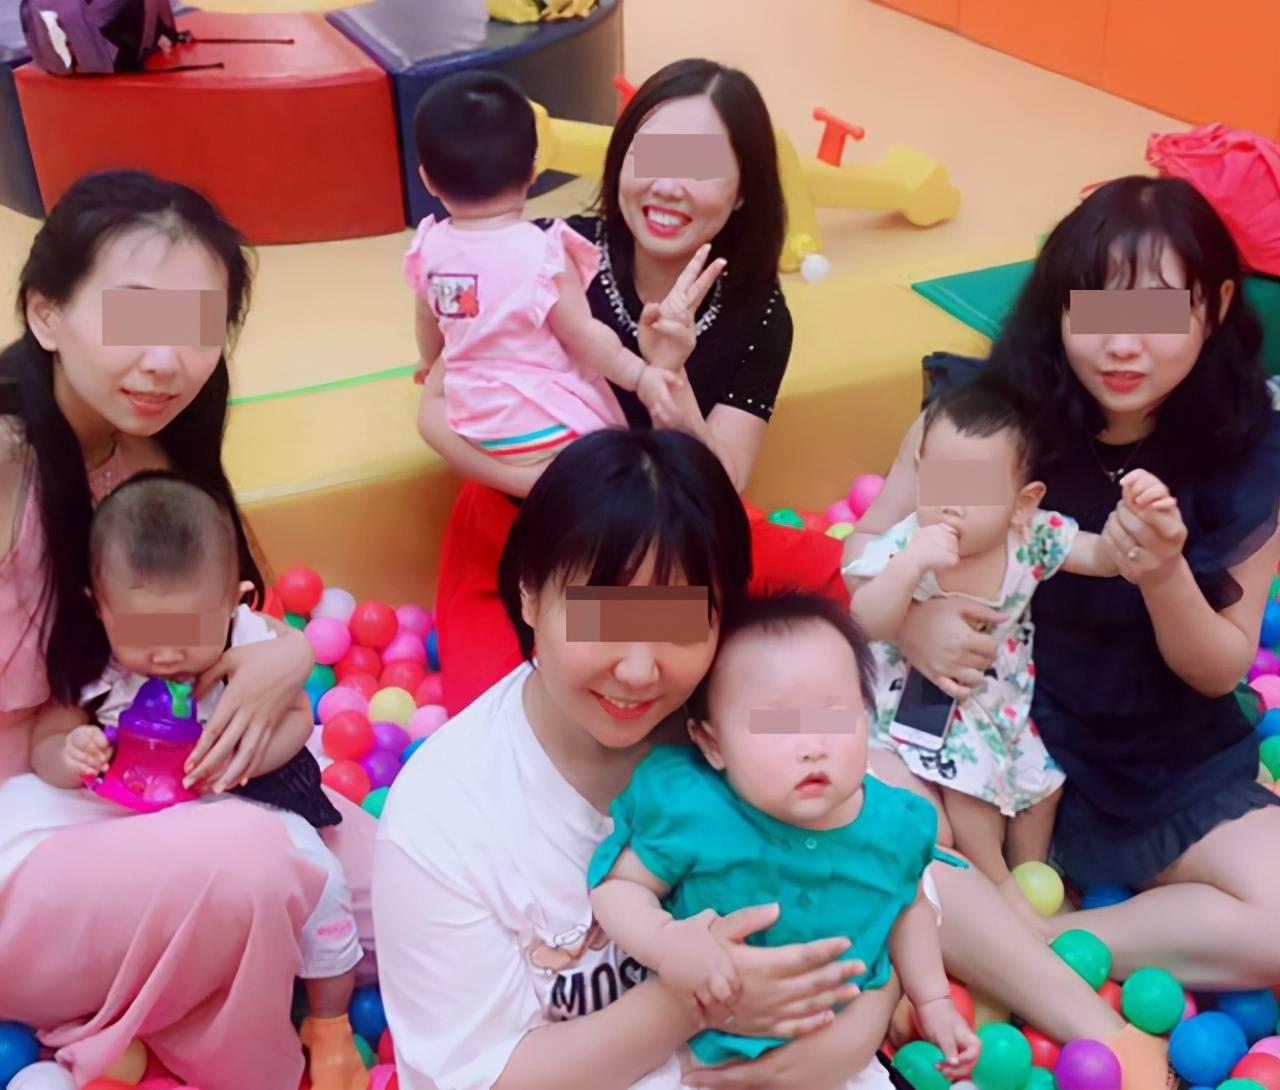 北京新增本地确诊病例1例 为5岁男童